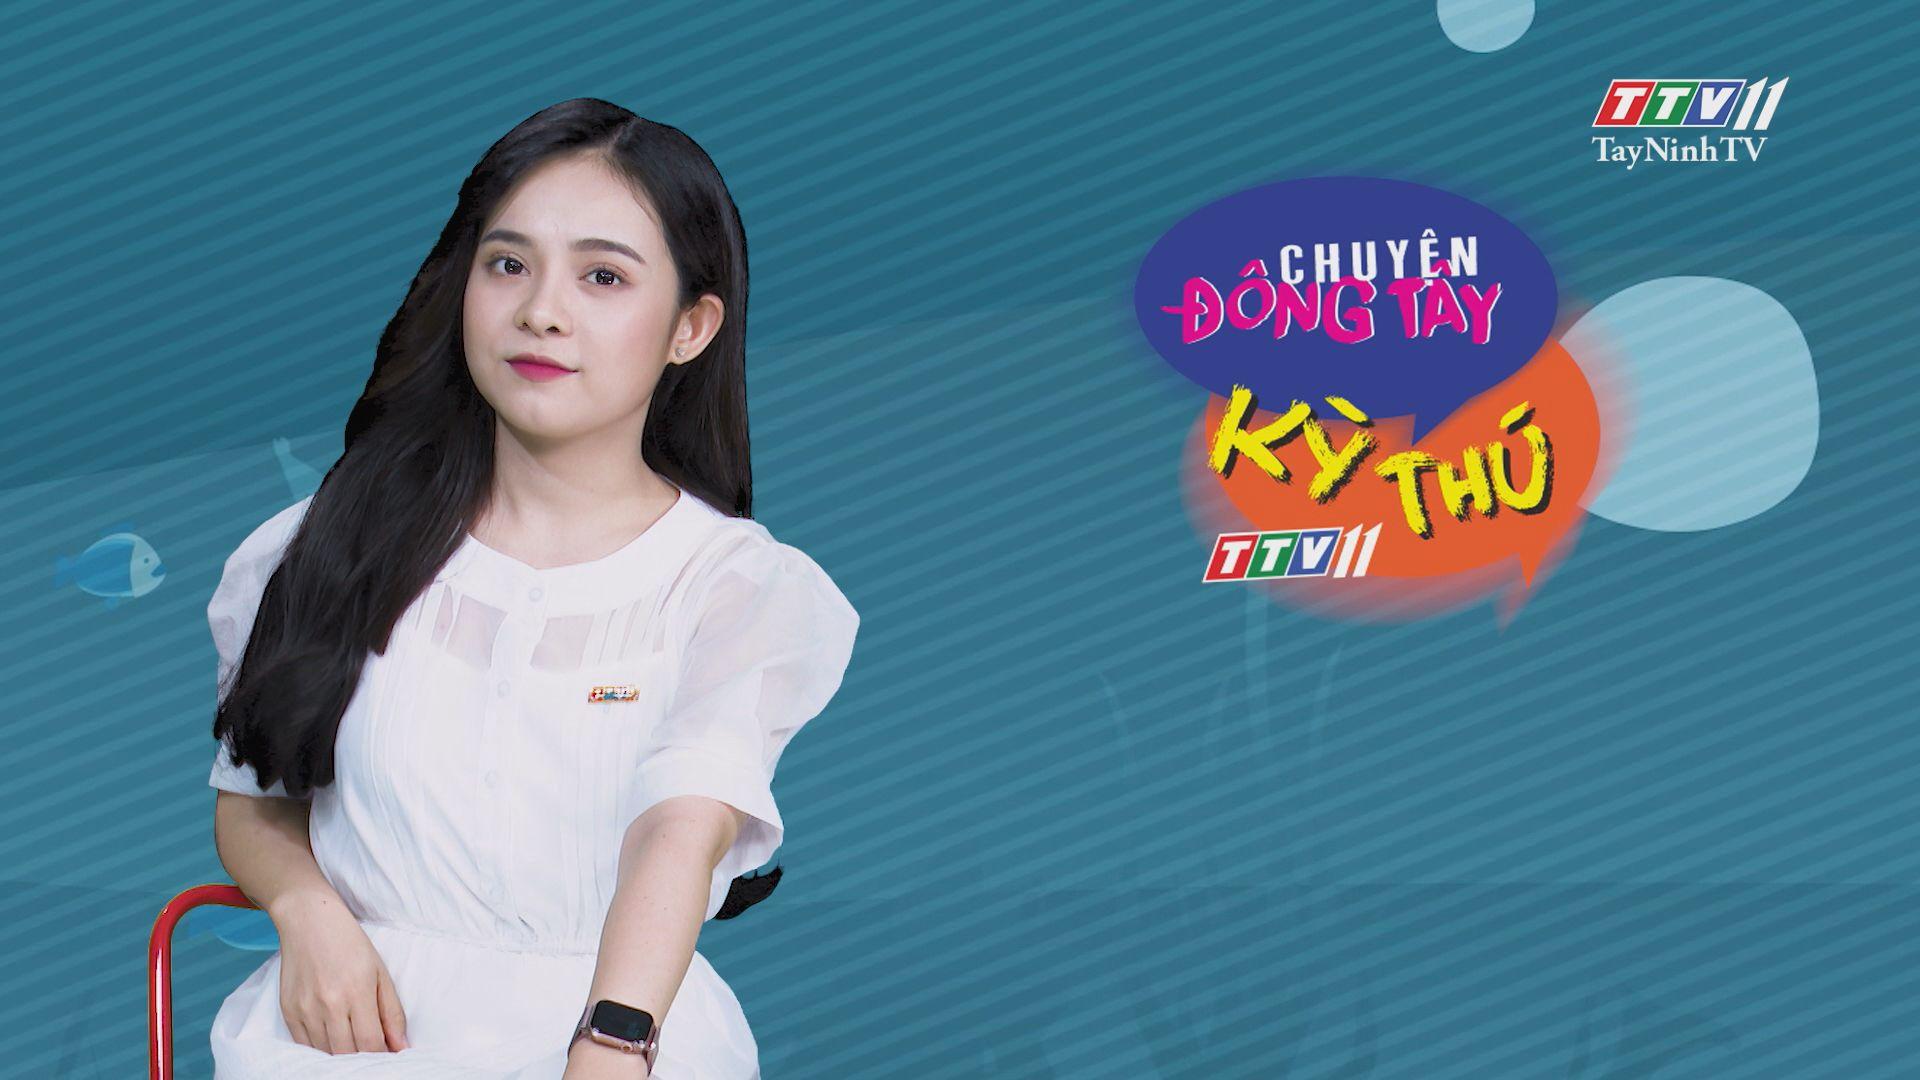 Chuyện Đông Tây Kỳ Thú 15-7-2020 | TayNinhTV